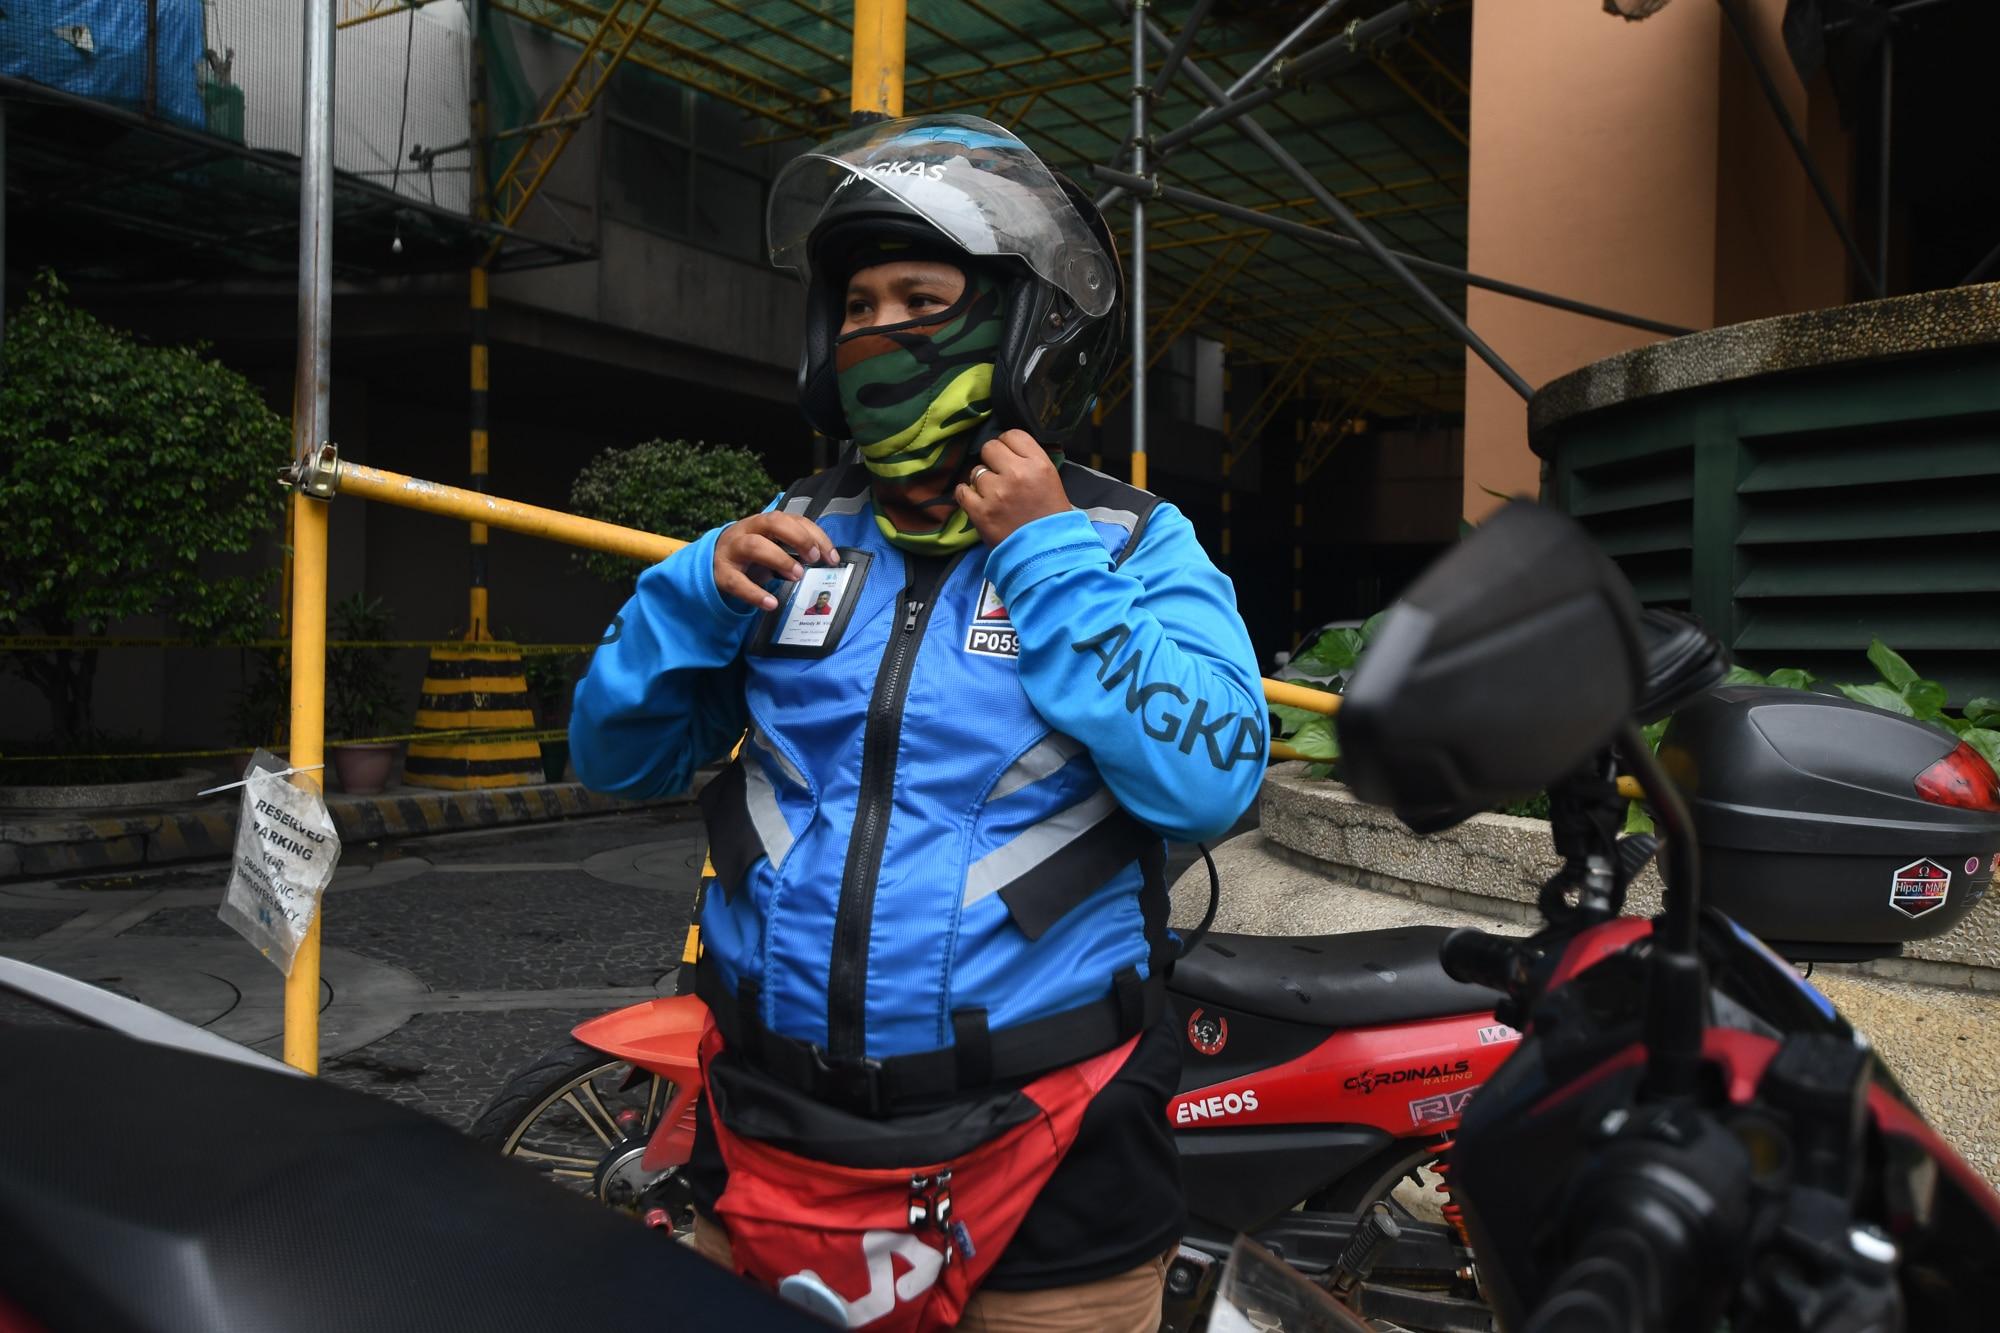 Motorcycle taxis beat metro gridlocks, satisfy milk tea cravings 2